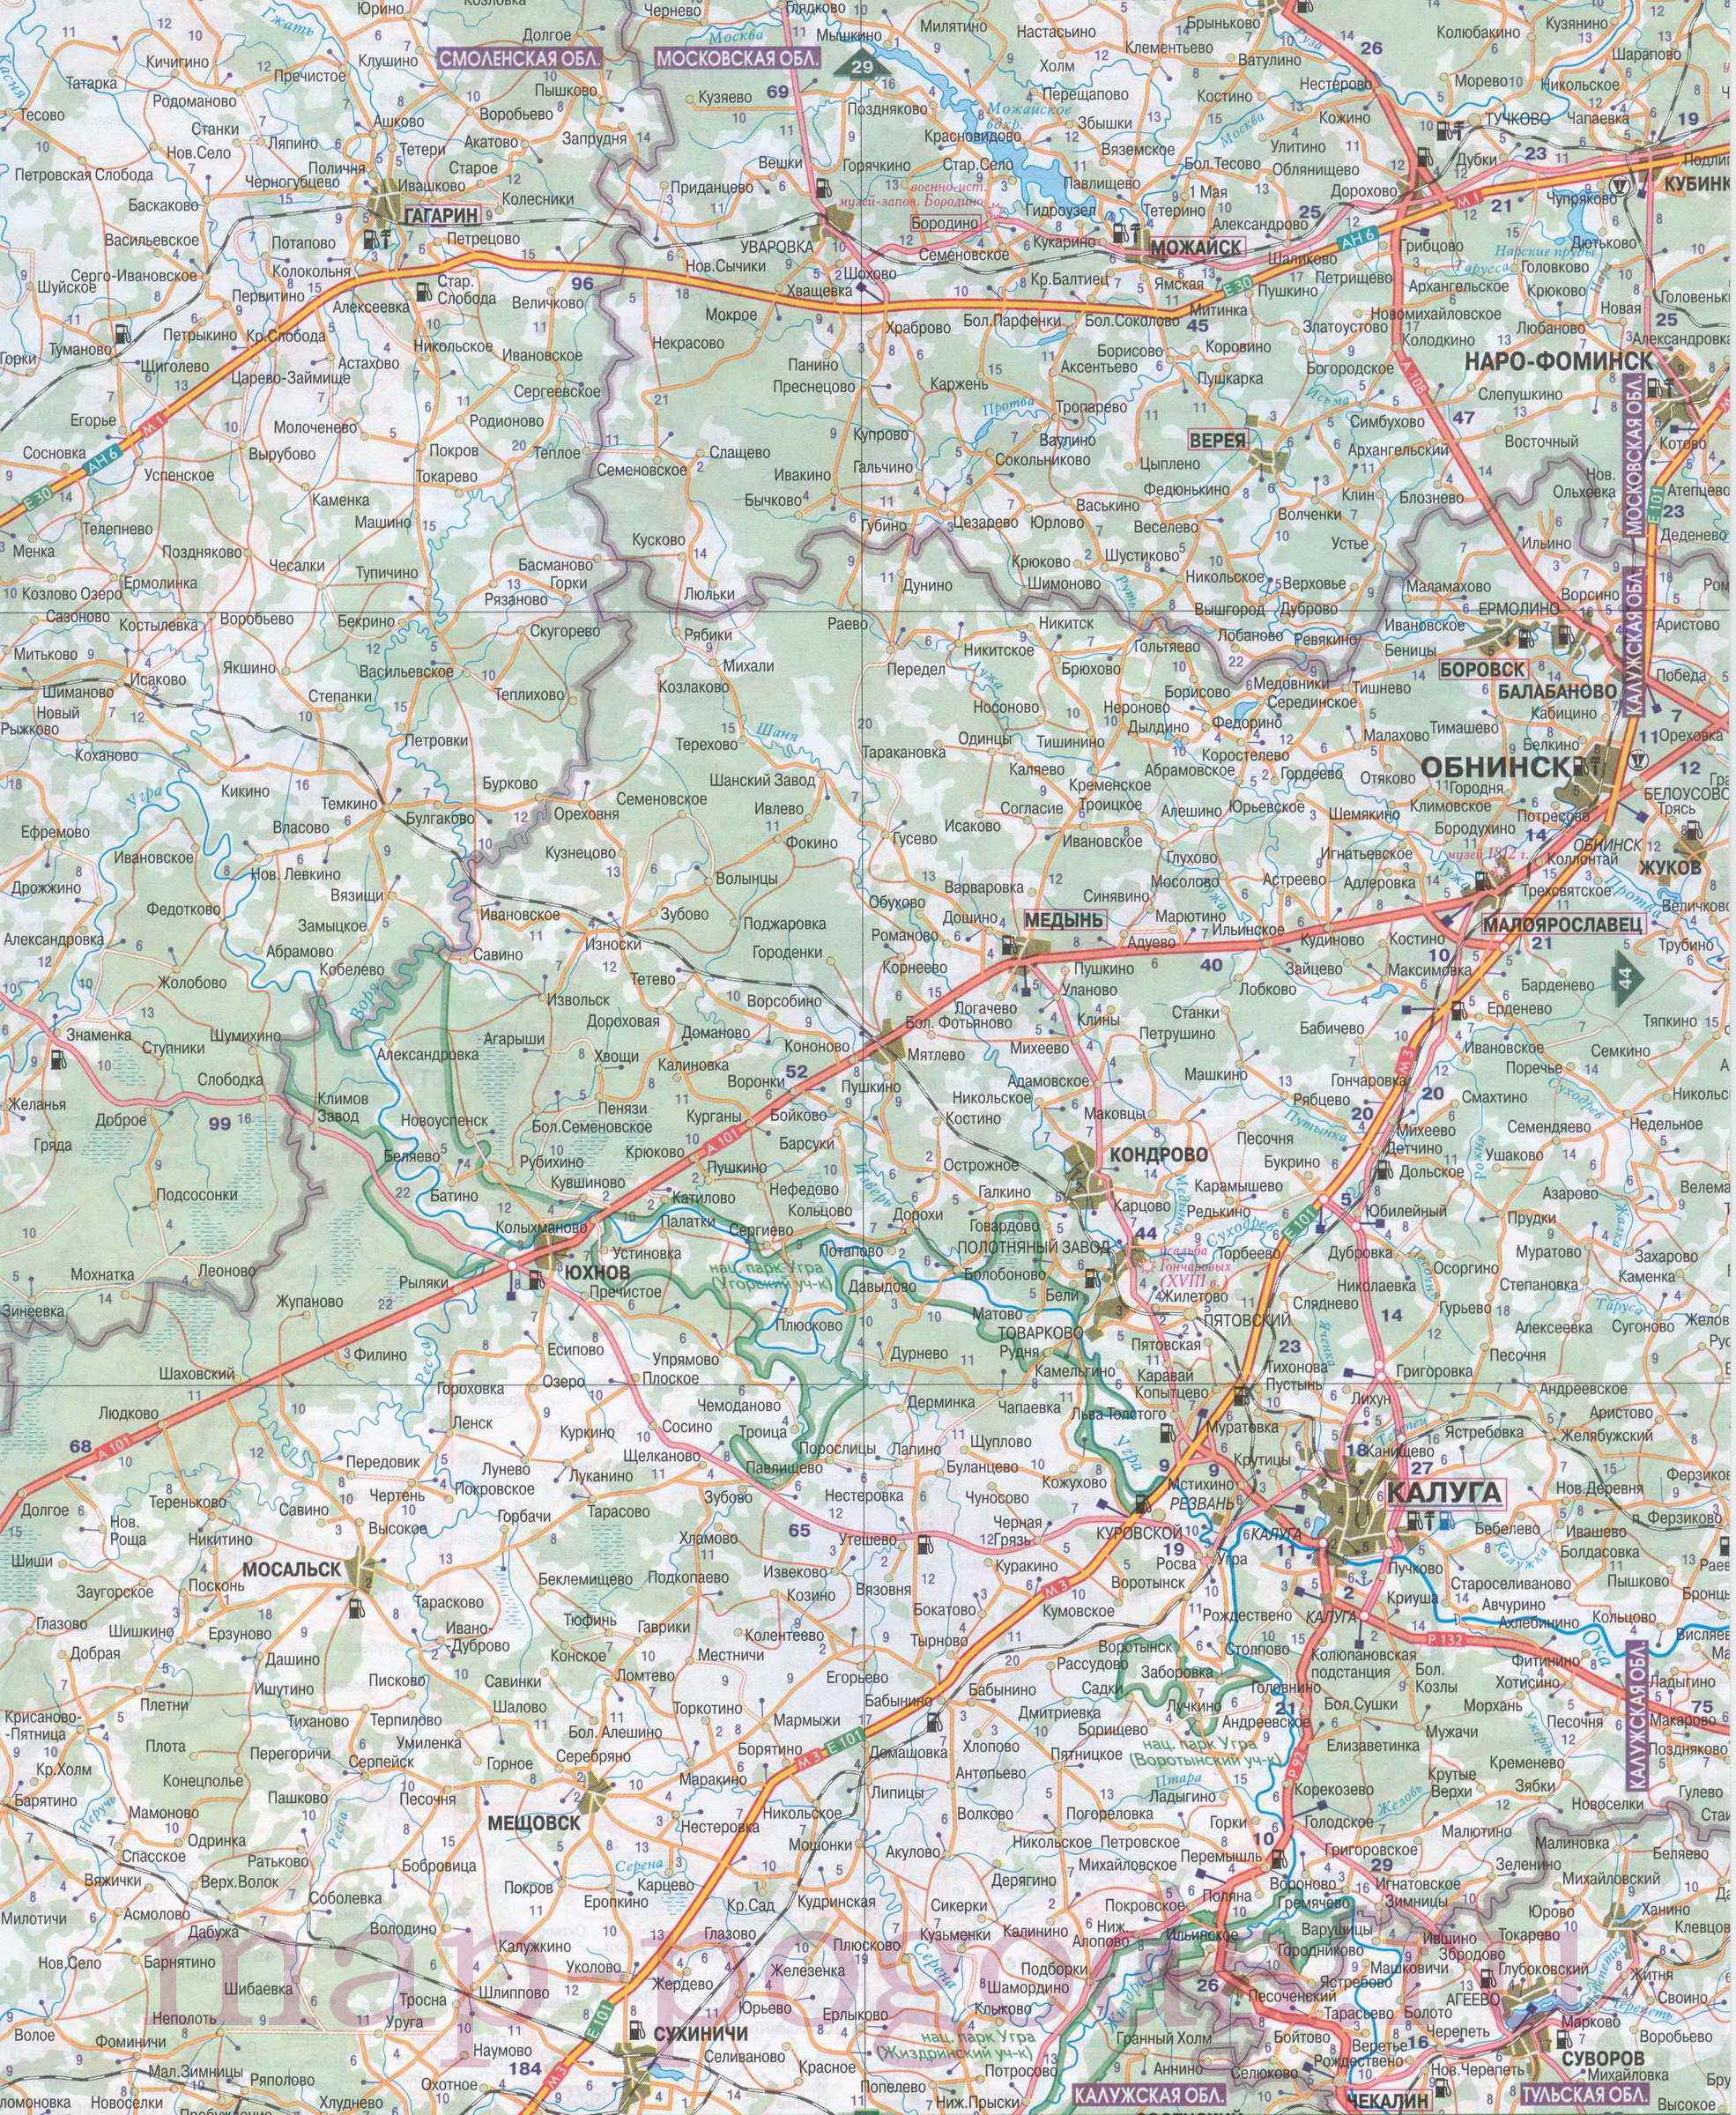 Карта московской области подробная